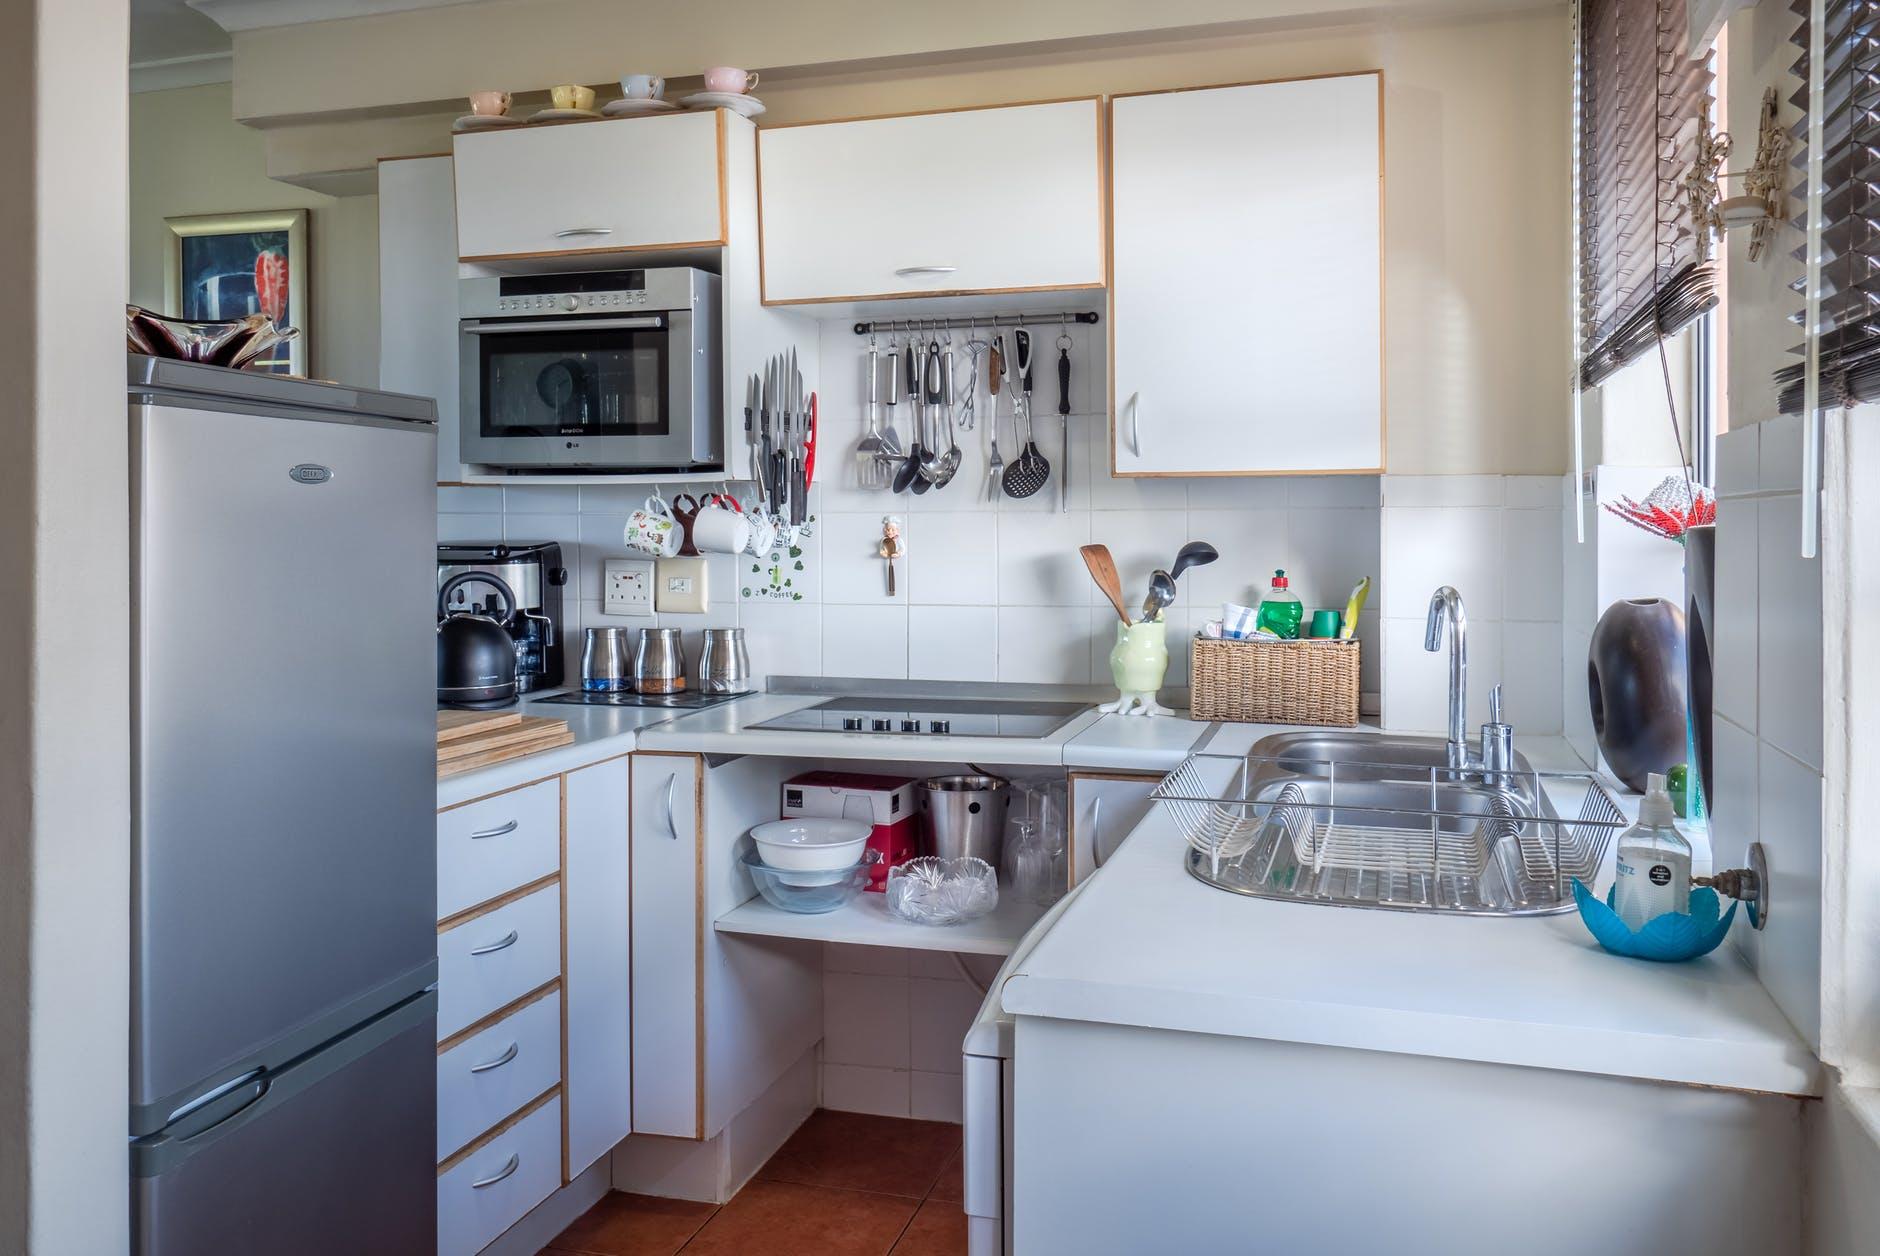 Cucina lunga e stretta come farla sembrare più ampia